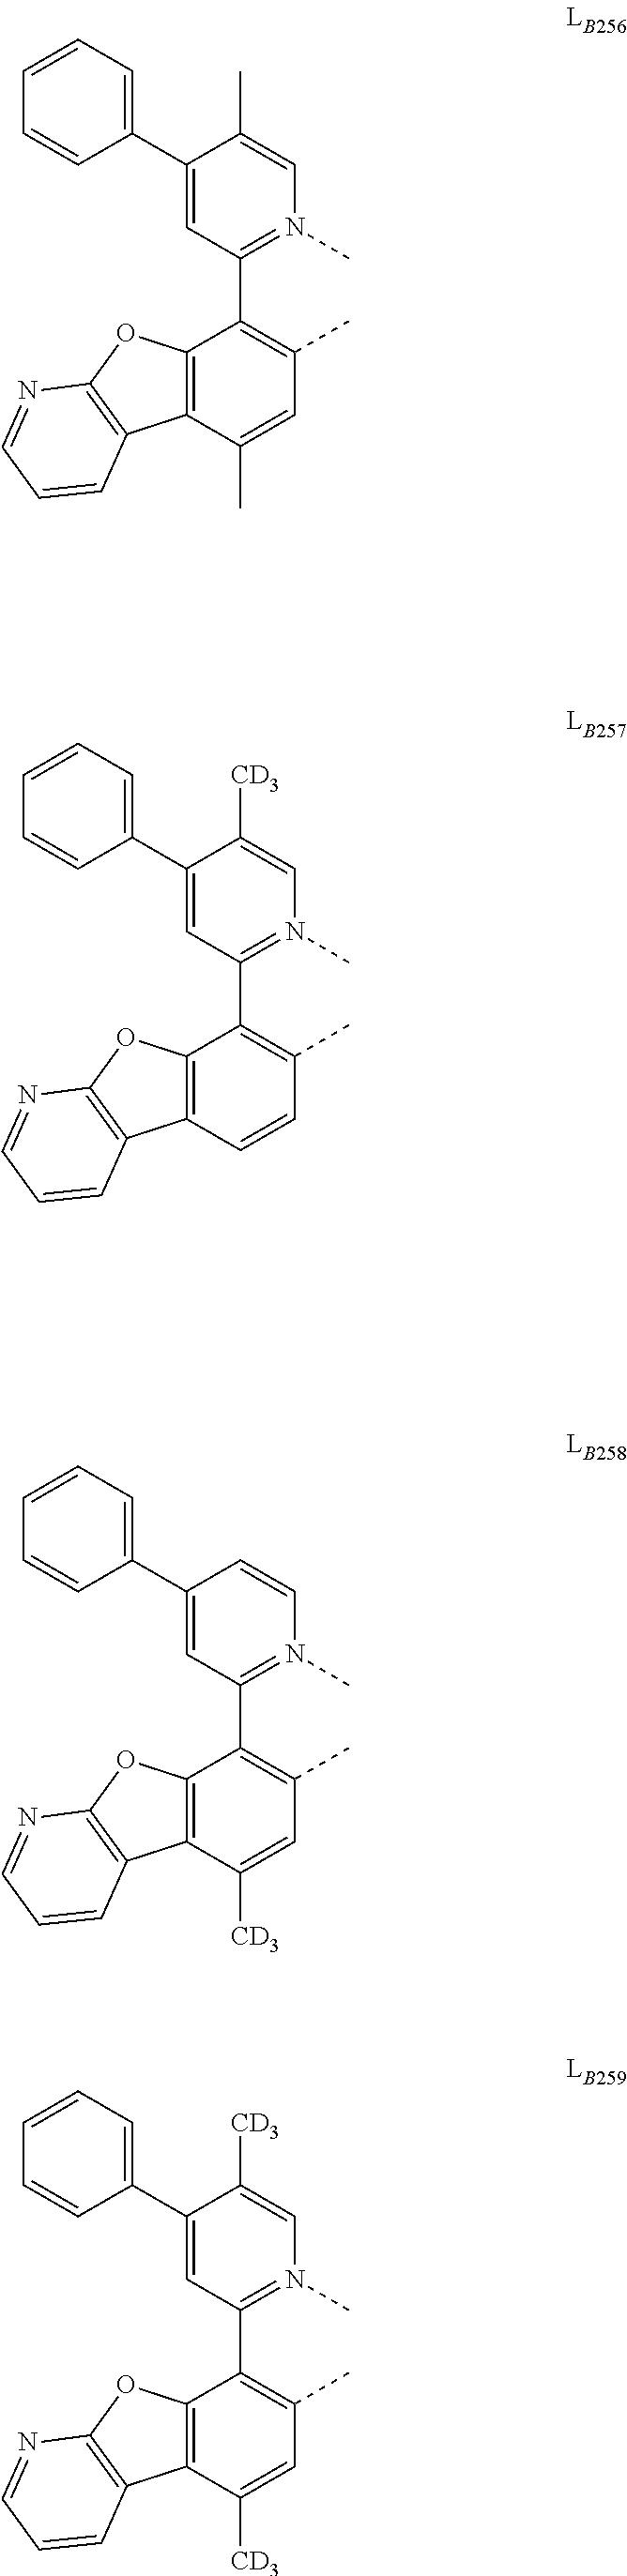 Figure US09929360-20180327-C00095